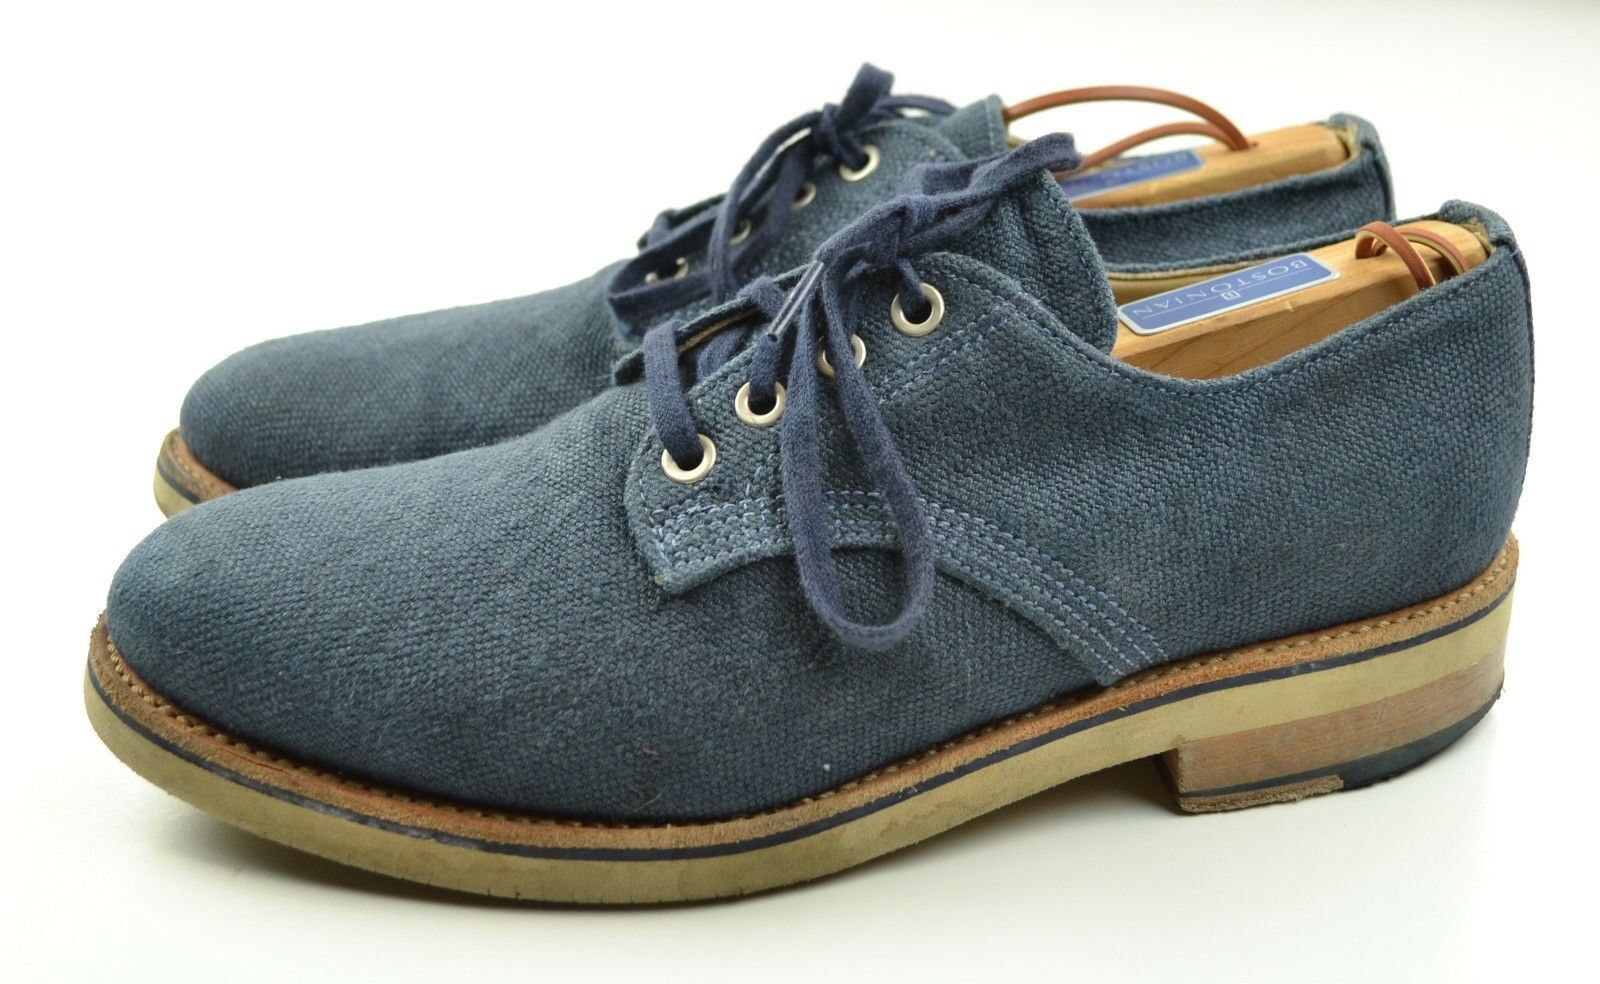 Walk-Over 'Paul' Blue Linen Bucks Summer Shoes Made in USA Very GOod 8 M 8M